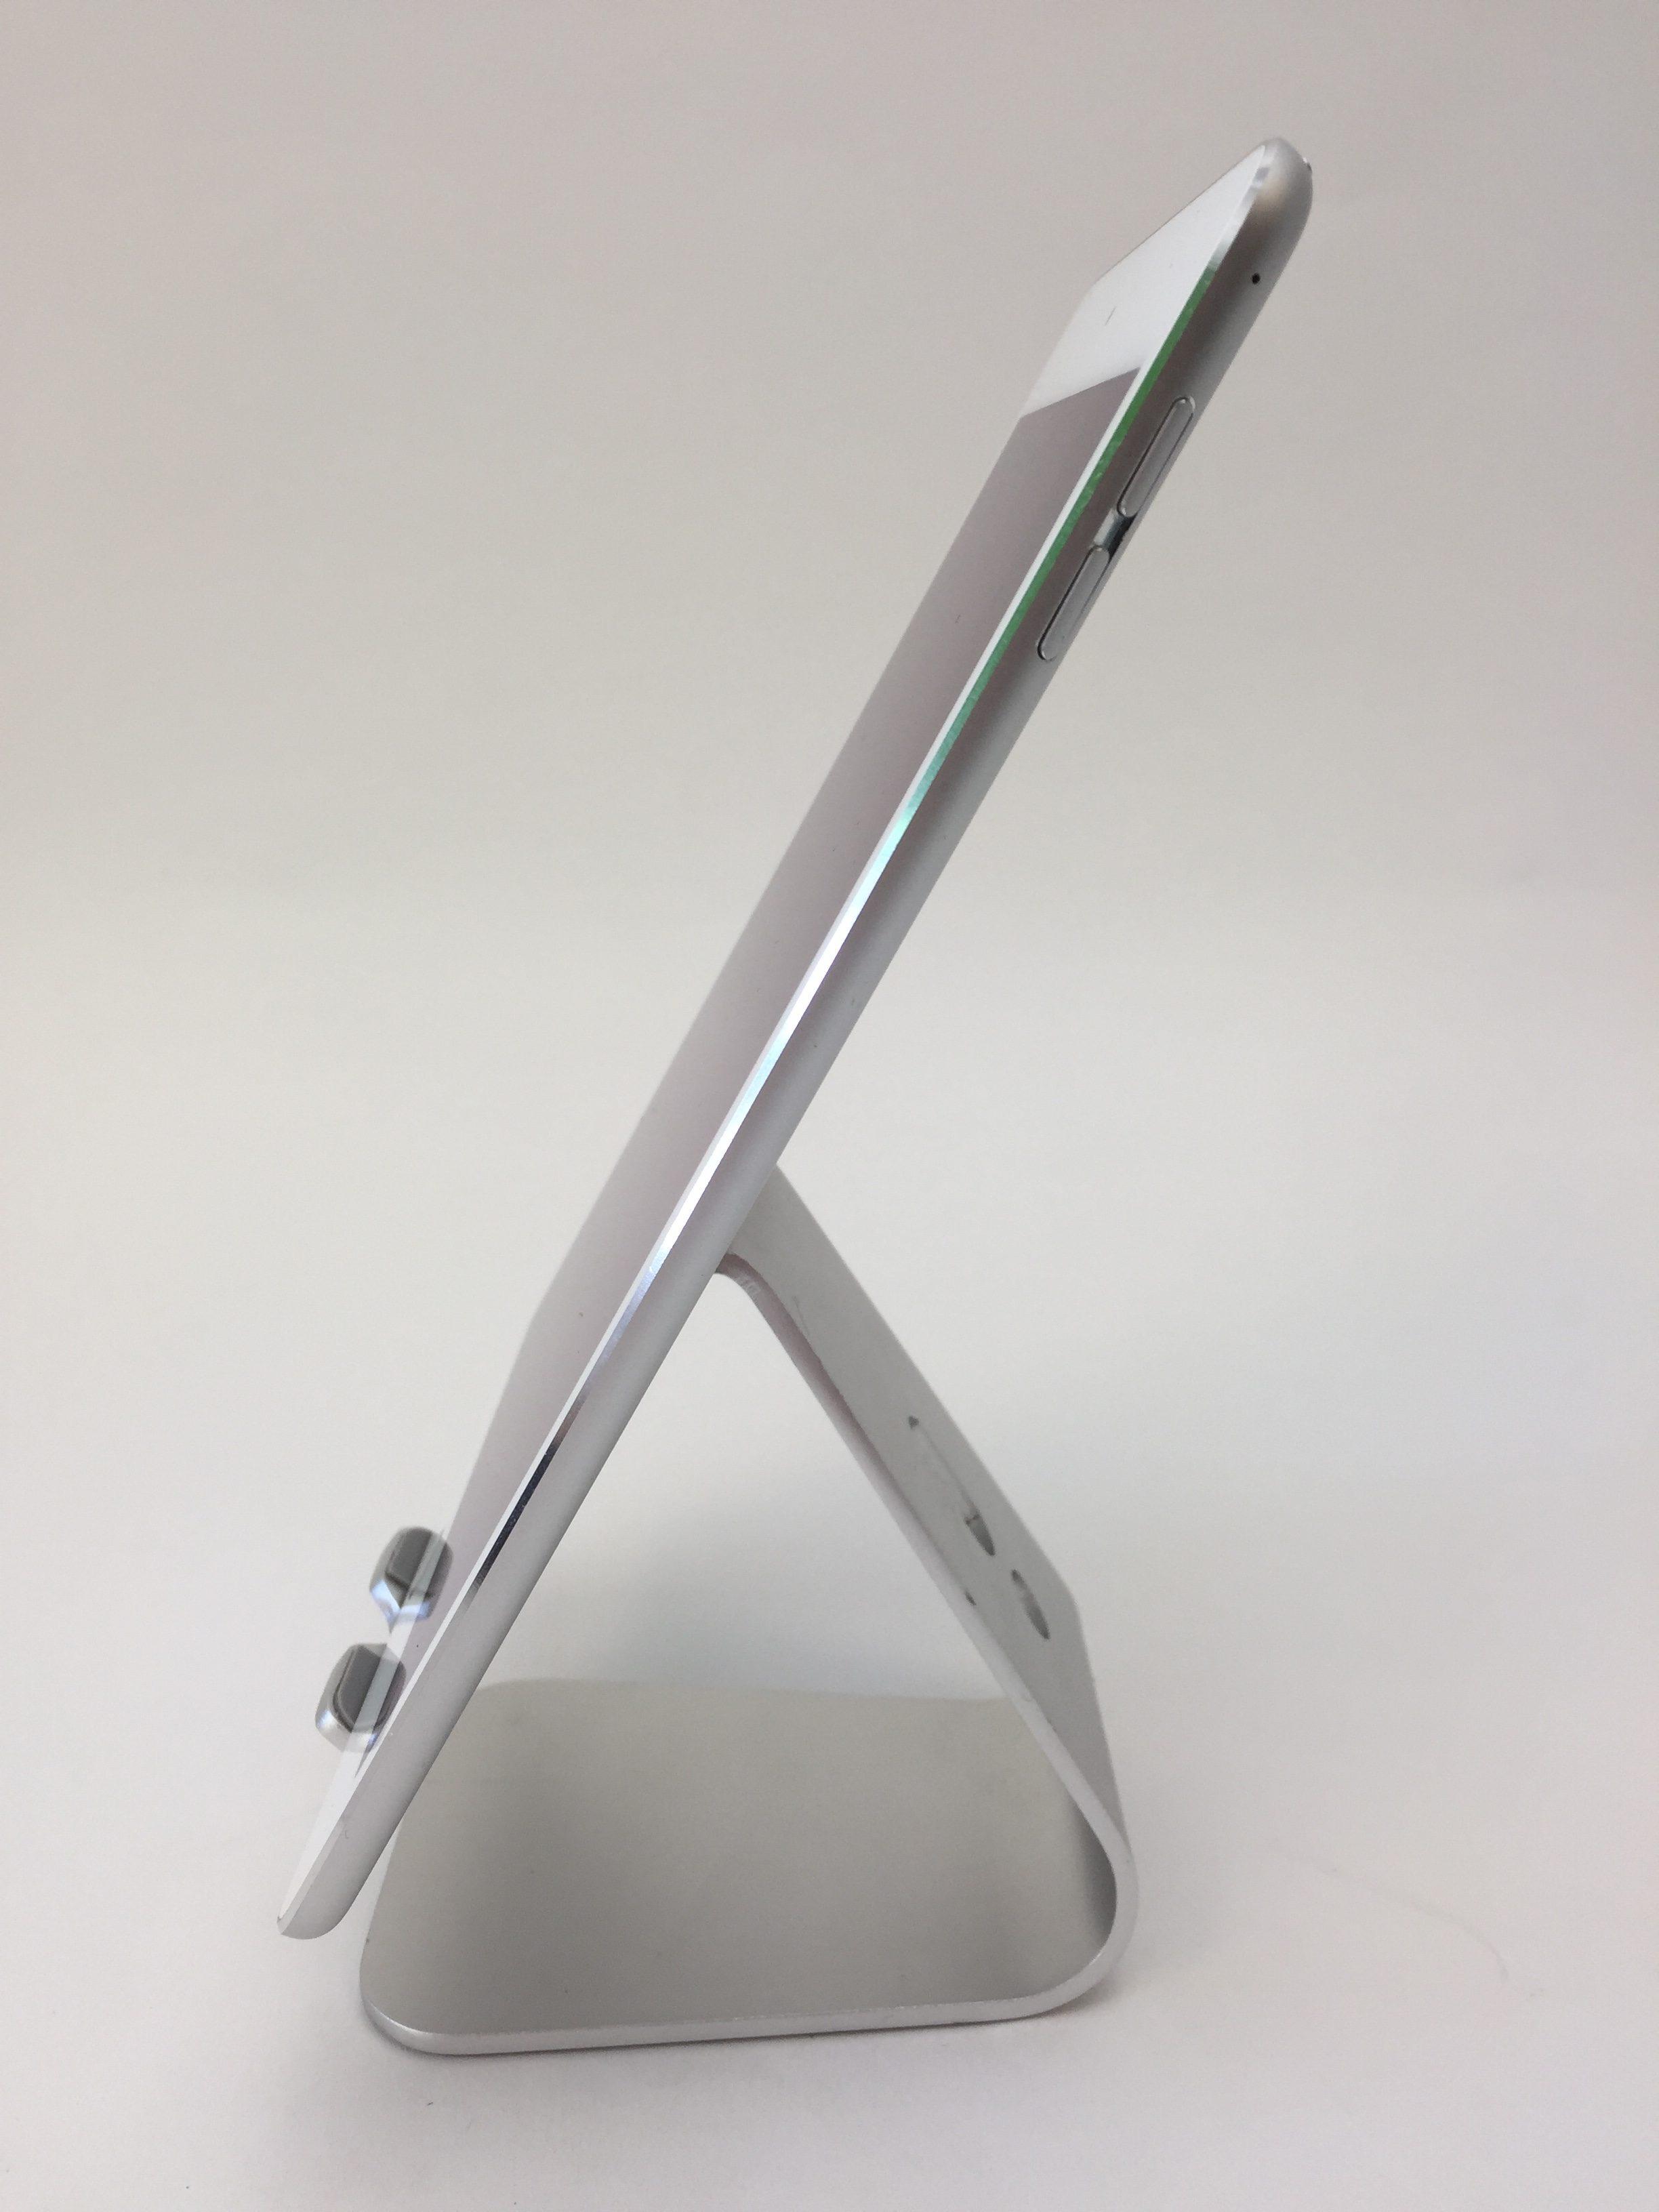 iPad mini 4 Wi-Fi 16GB, 16 GB, Silver, image 2